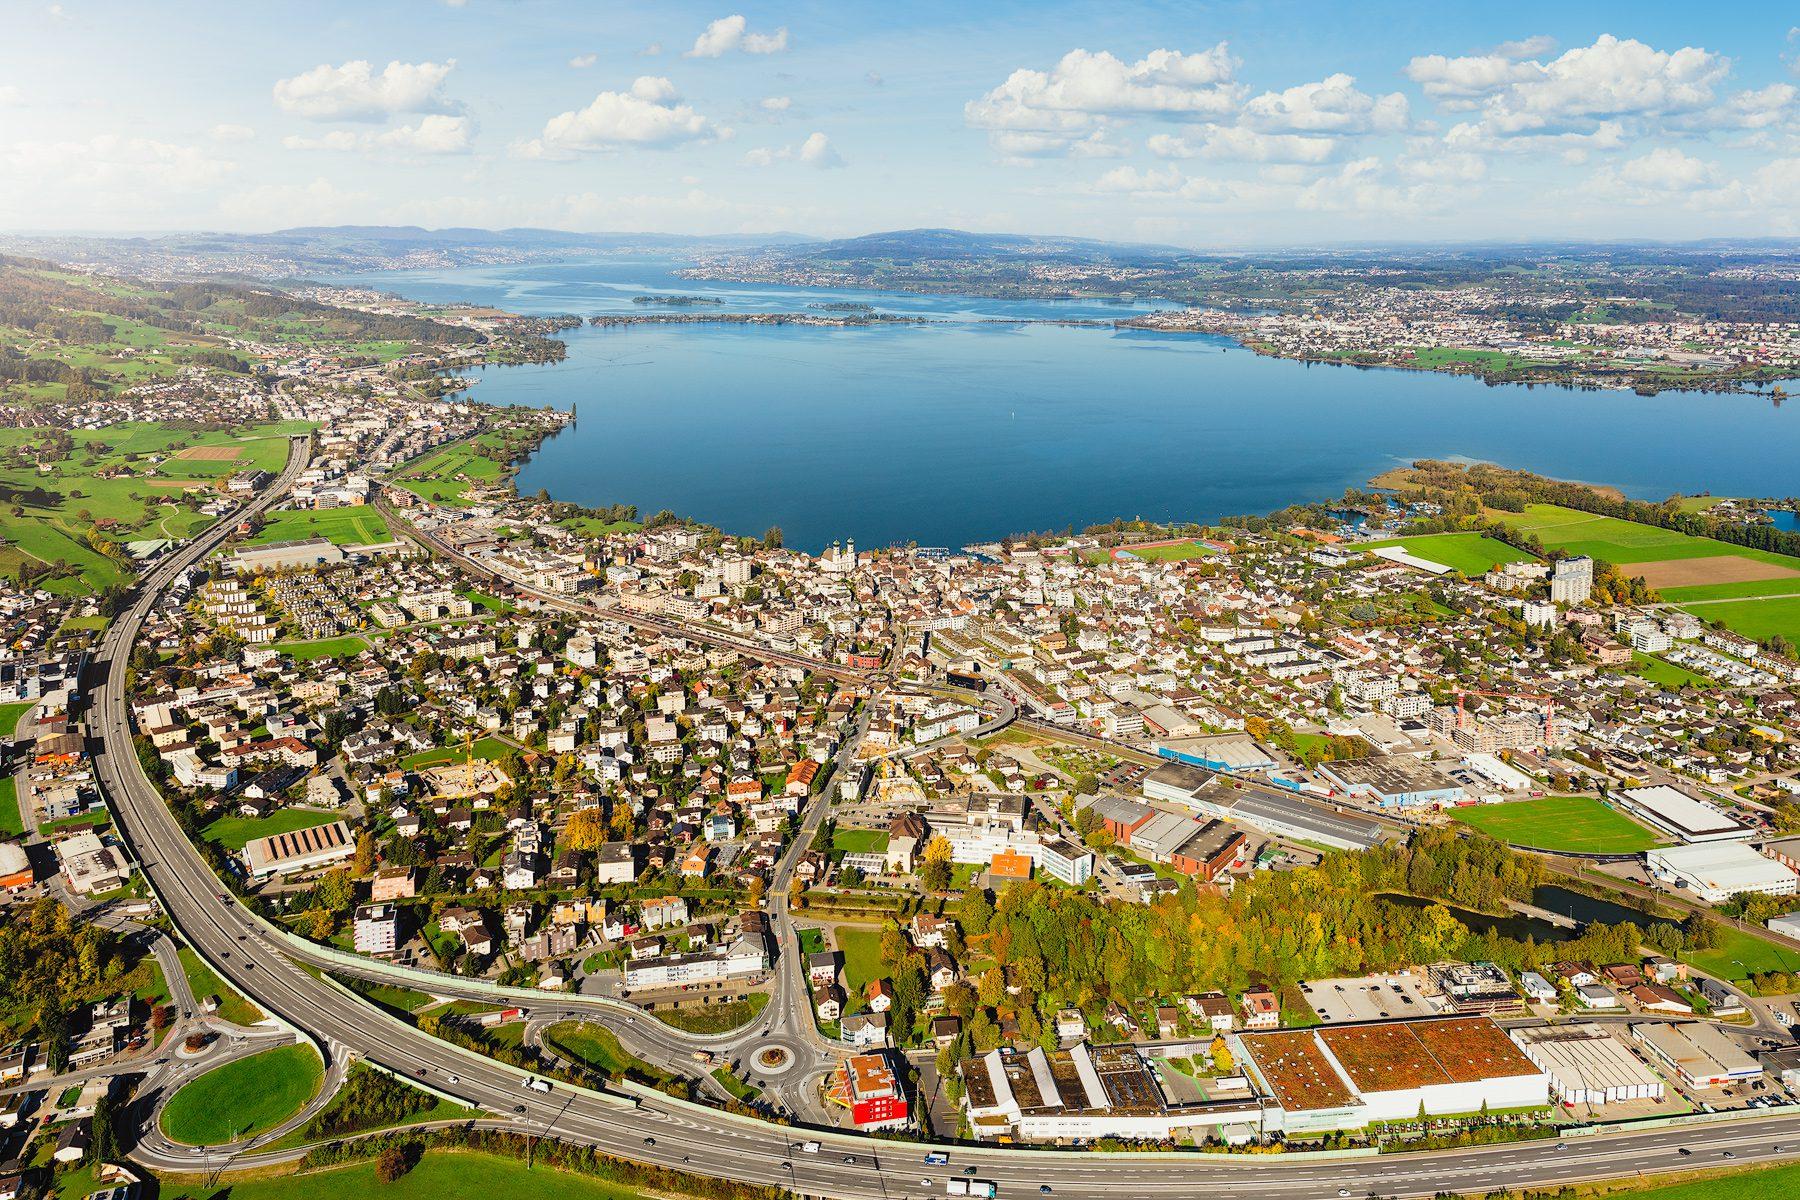 Herbstliche Luftaufnahme mit Blick auf Lachen, Aahorn, Obersee, Damm, Rapperswil-Jona, Zürichsee und Altendorf